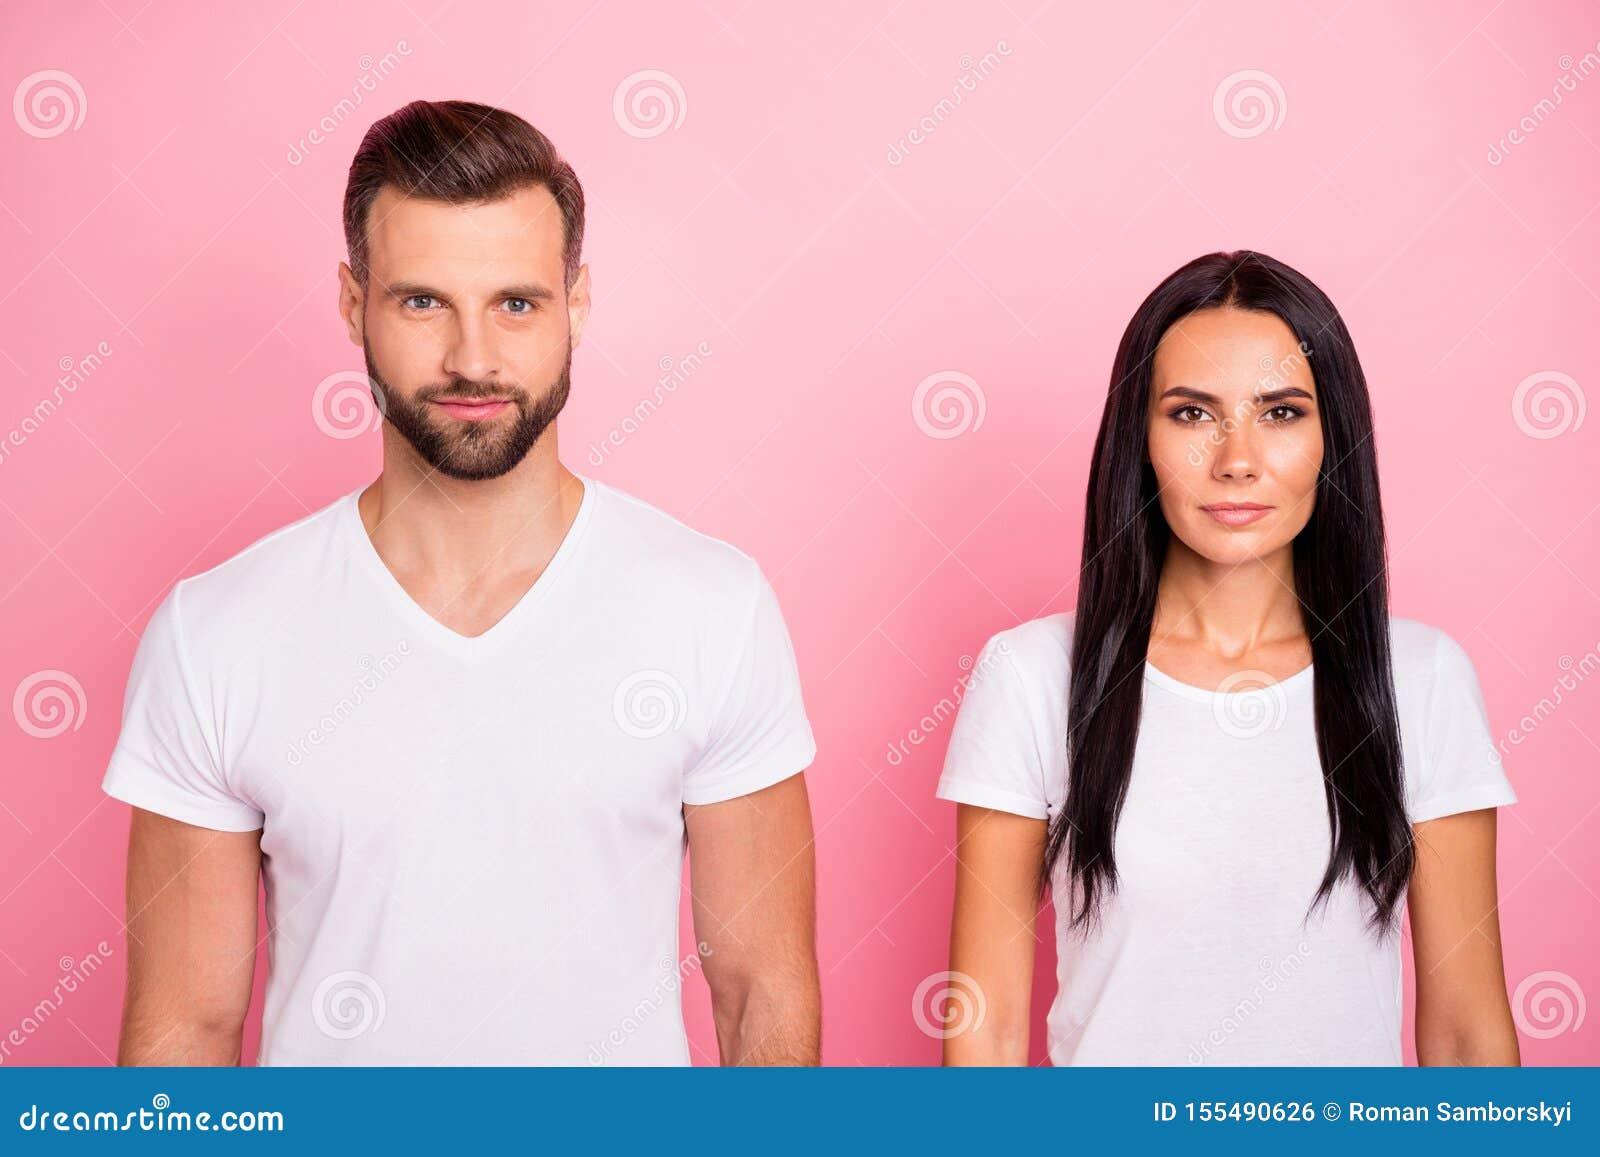 Portrait en gros plan à lui il elle elle le beau charme deux attrayant joli a focalisé la personne concentrée calme